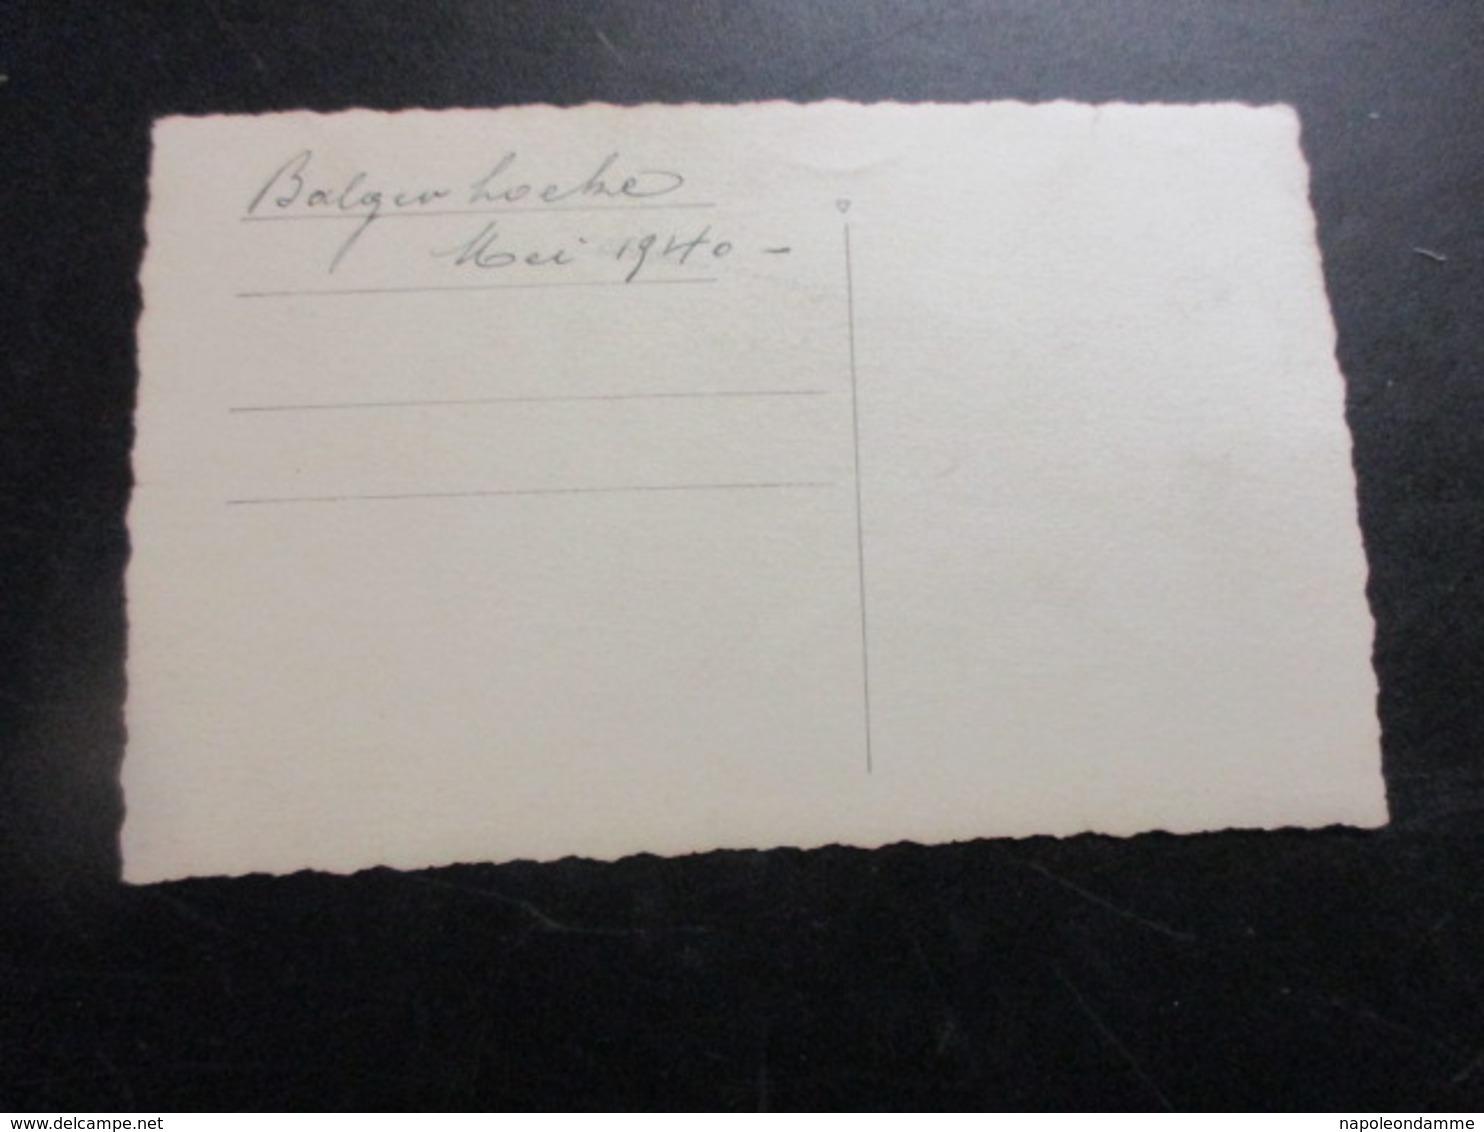 Fotokaart Balgerhoeke Mei 1940 - Eeklo